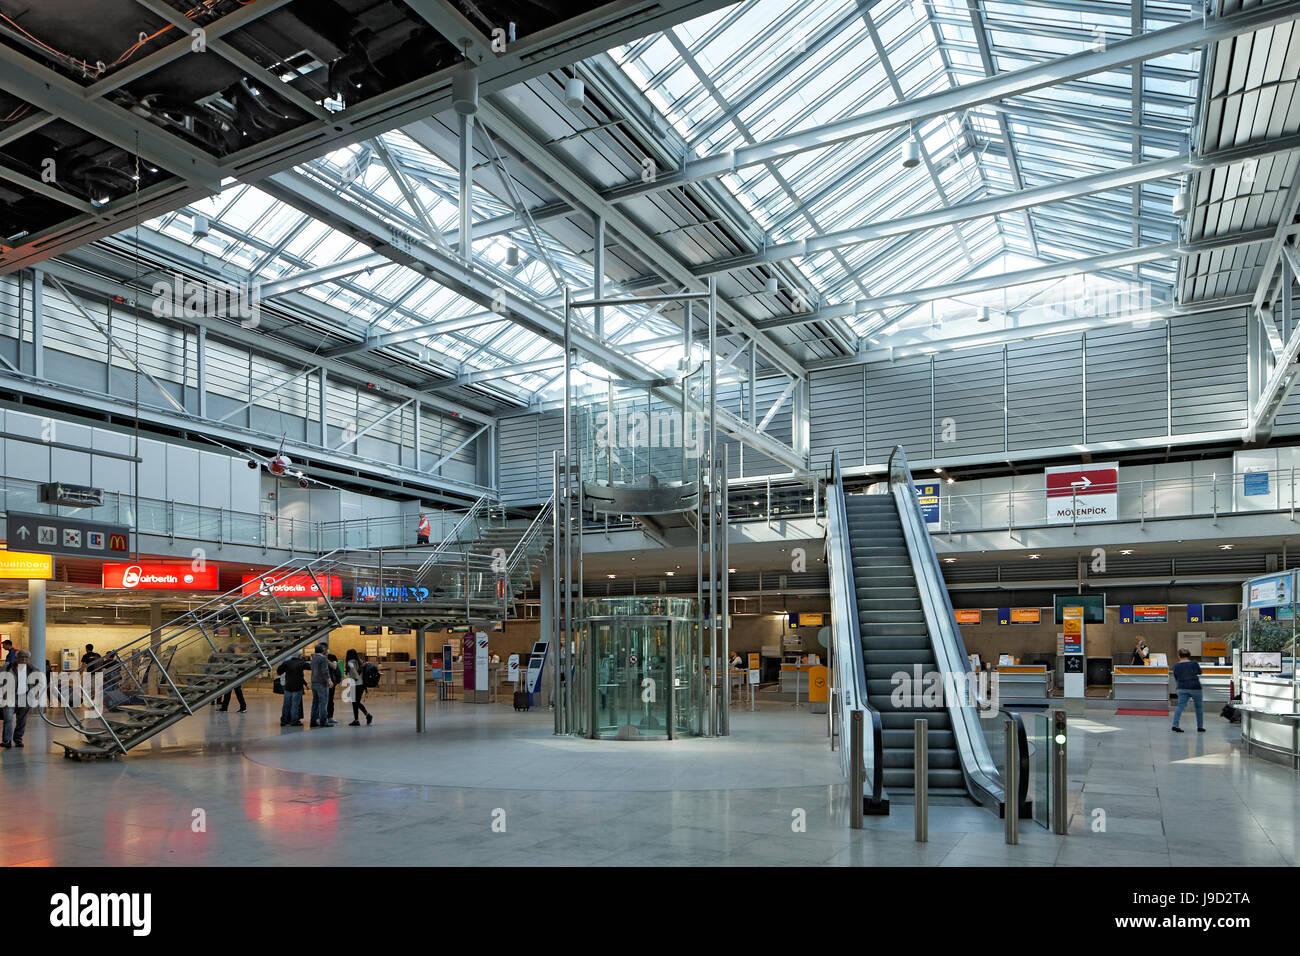 Albrecht Dürer aeropuerto, sala de embarque, Nuremberg, Middle Franconia, Franconia, Baviera, Alemania Imagen De Stock